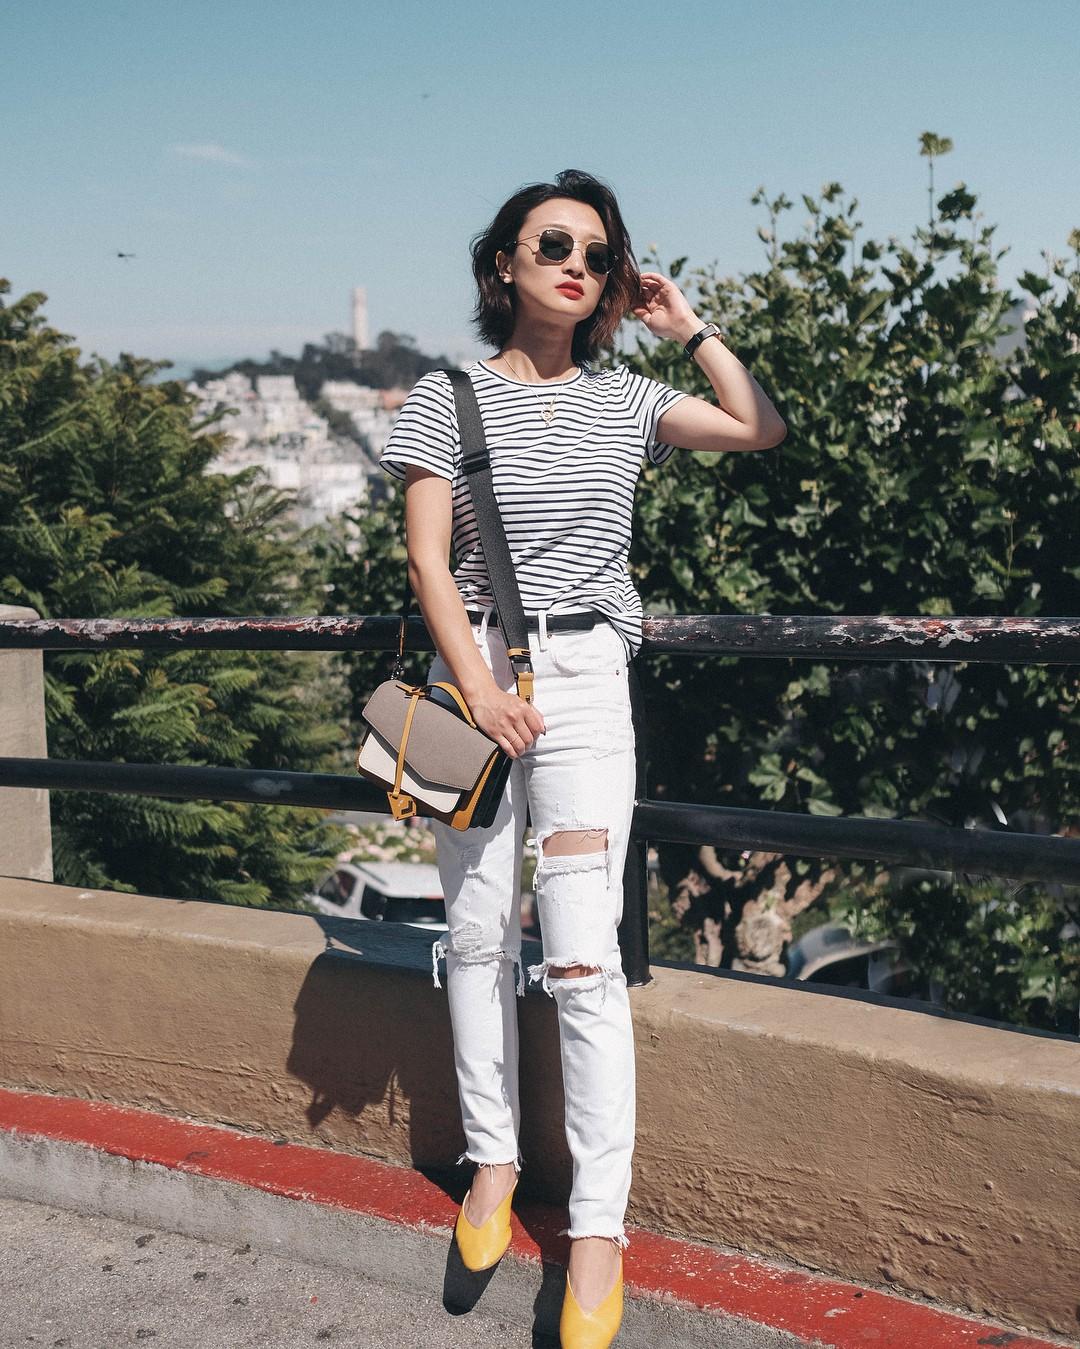 Có một kiểu quần mà các nàng cứ diện lên sẽ trẻ trung và nữ tính hơn bội phần, đó chính là quần jeans trắng - 6